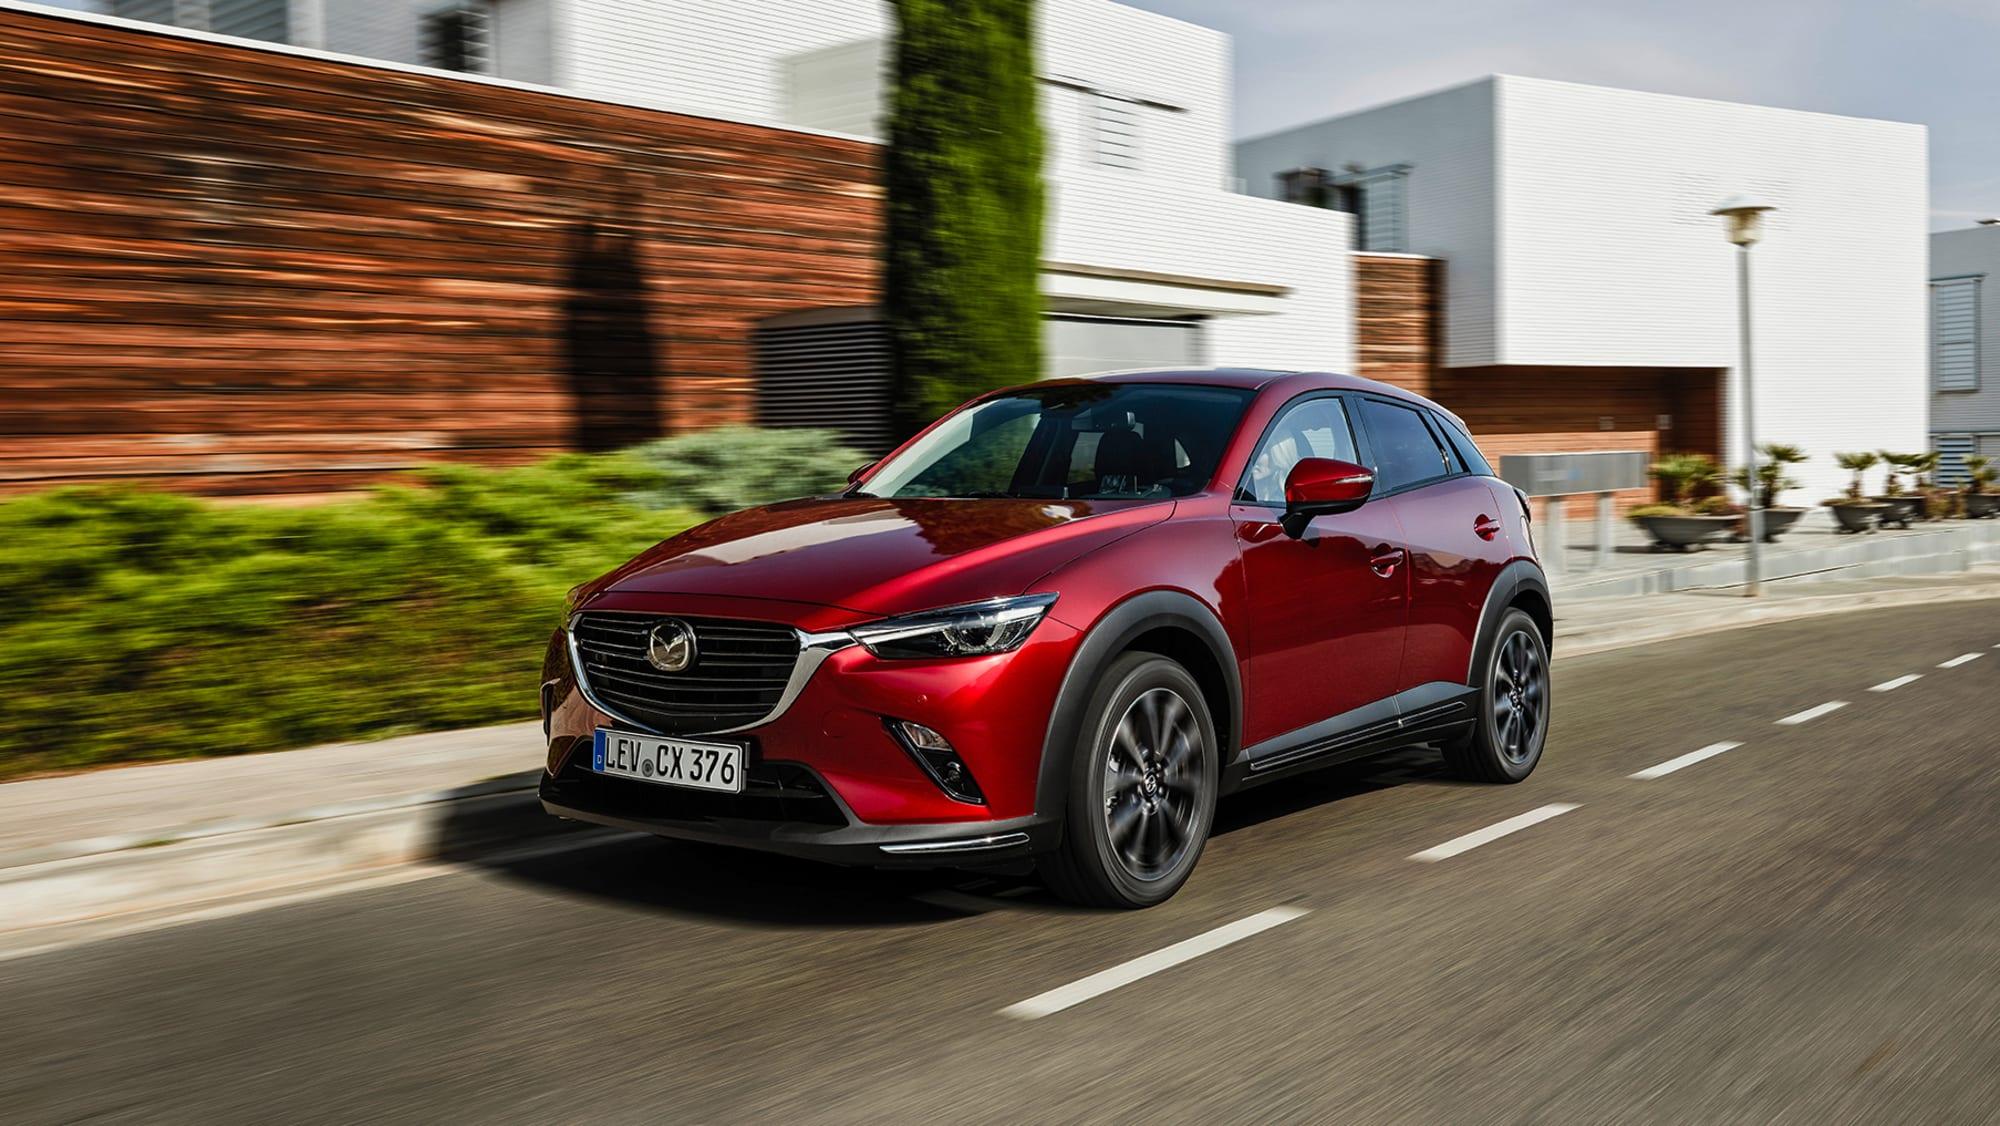 Mazda Cx 3 Test Technische Daten Verbrauch Preise Adac